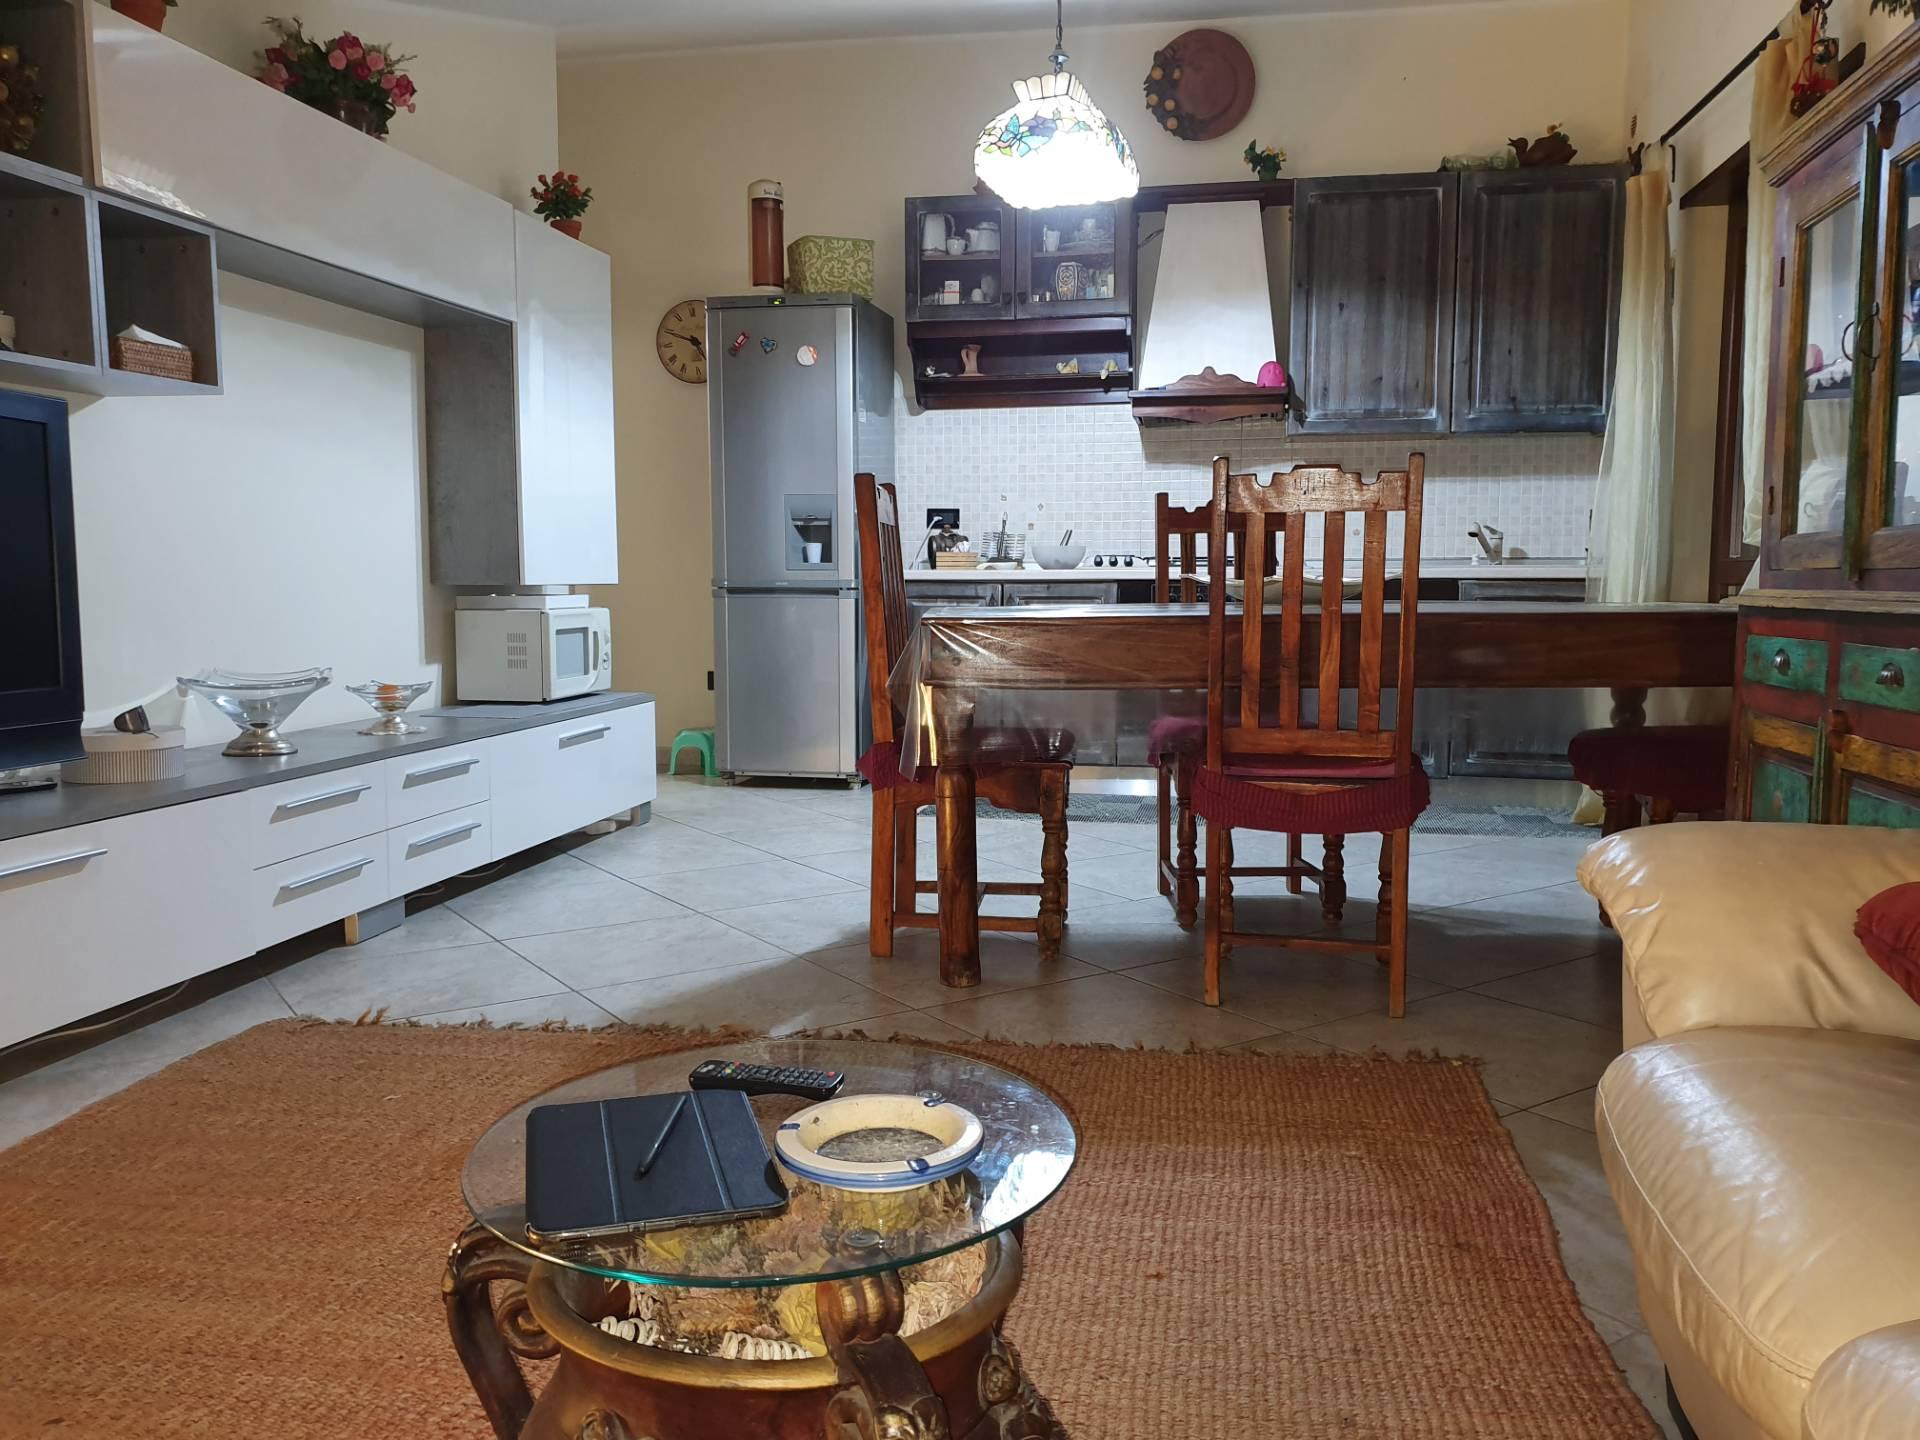 Appartamento in vendita a Catanzaro, 3 locali, zona Località: Fortuna, prezzo € 105.000 | CambioCasa.it